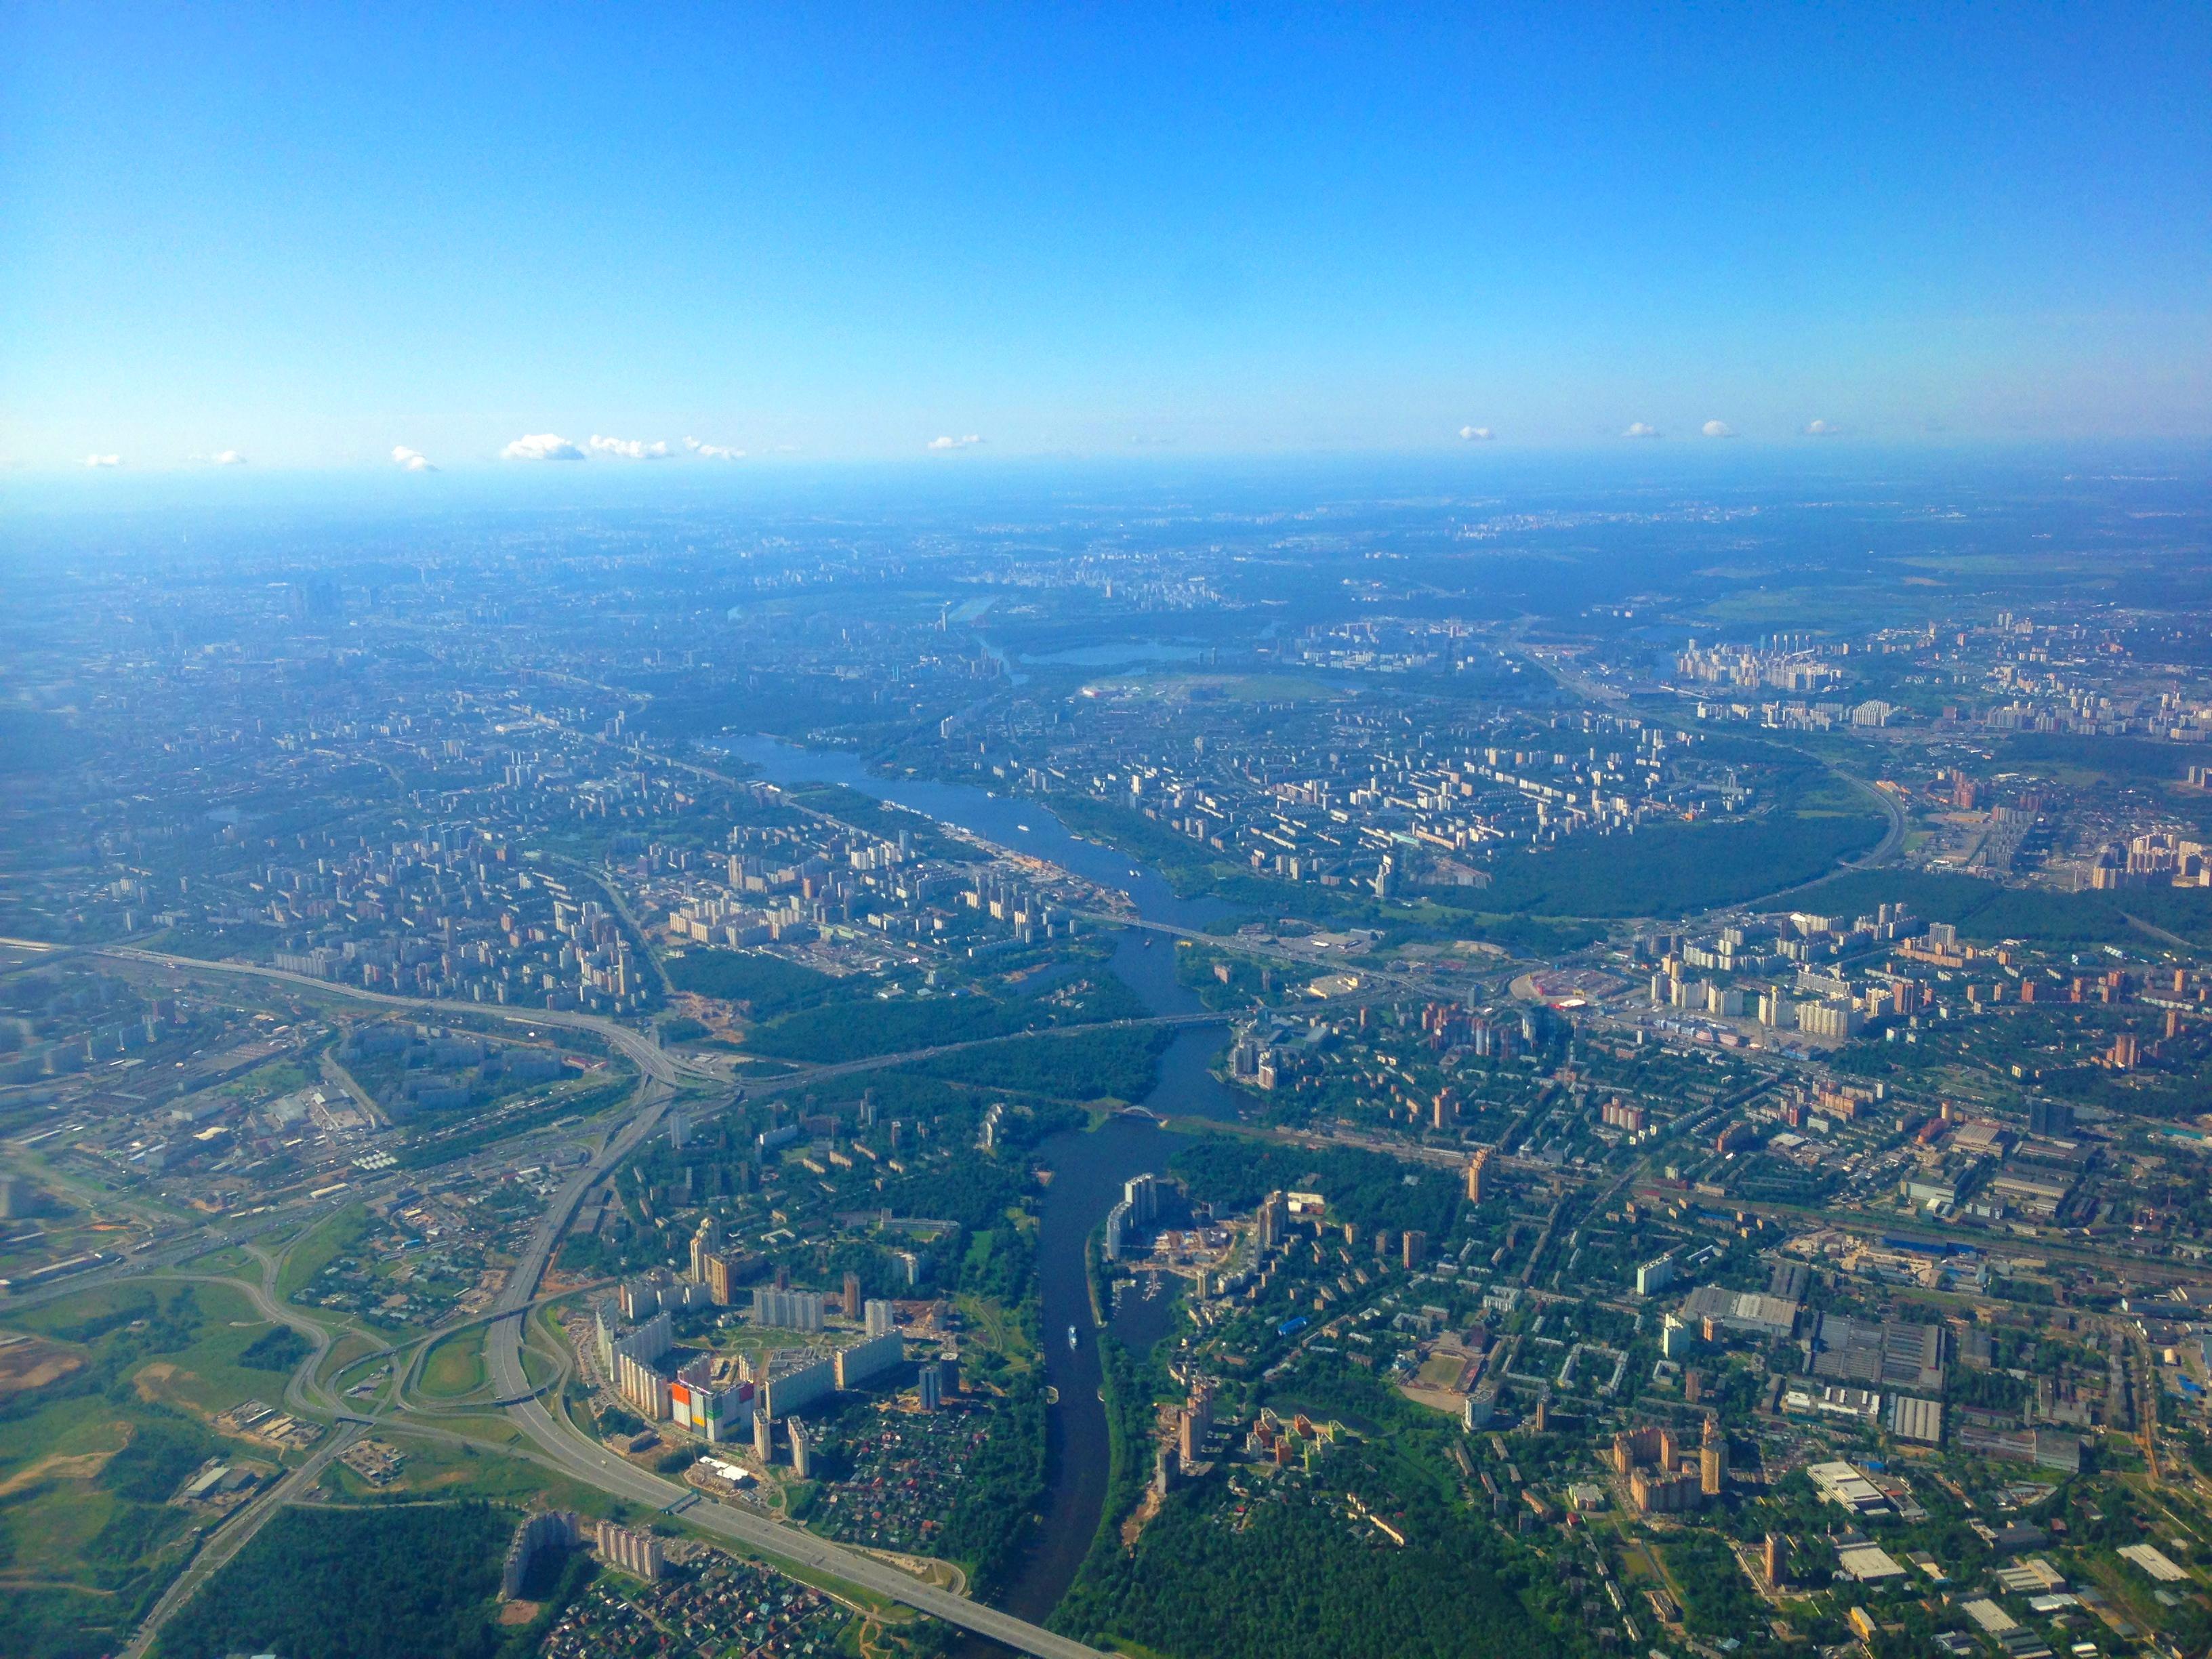 Московская область уточнила бюджет на 2021 год и плановый период 2022 и 2023 годов